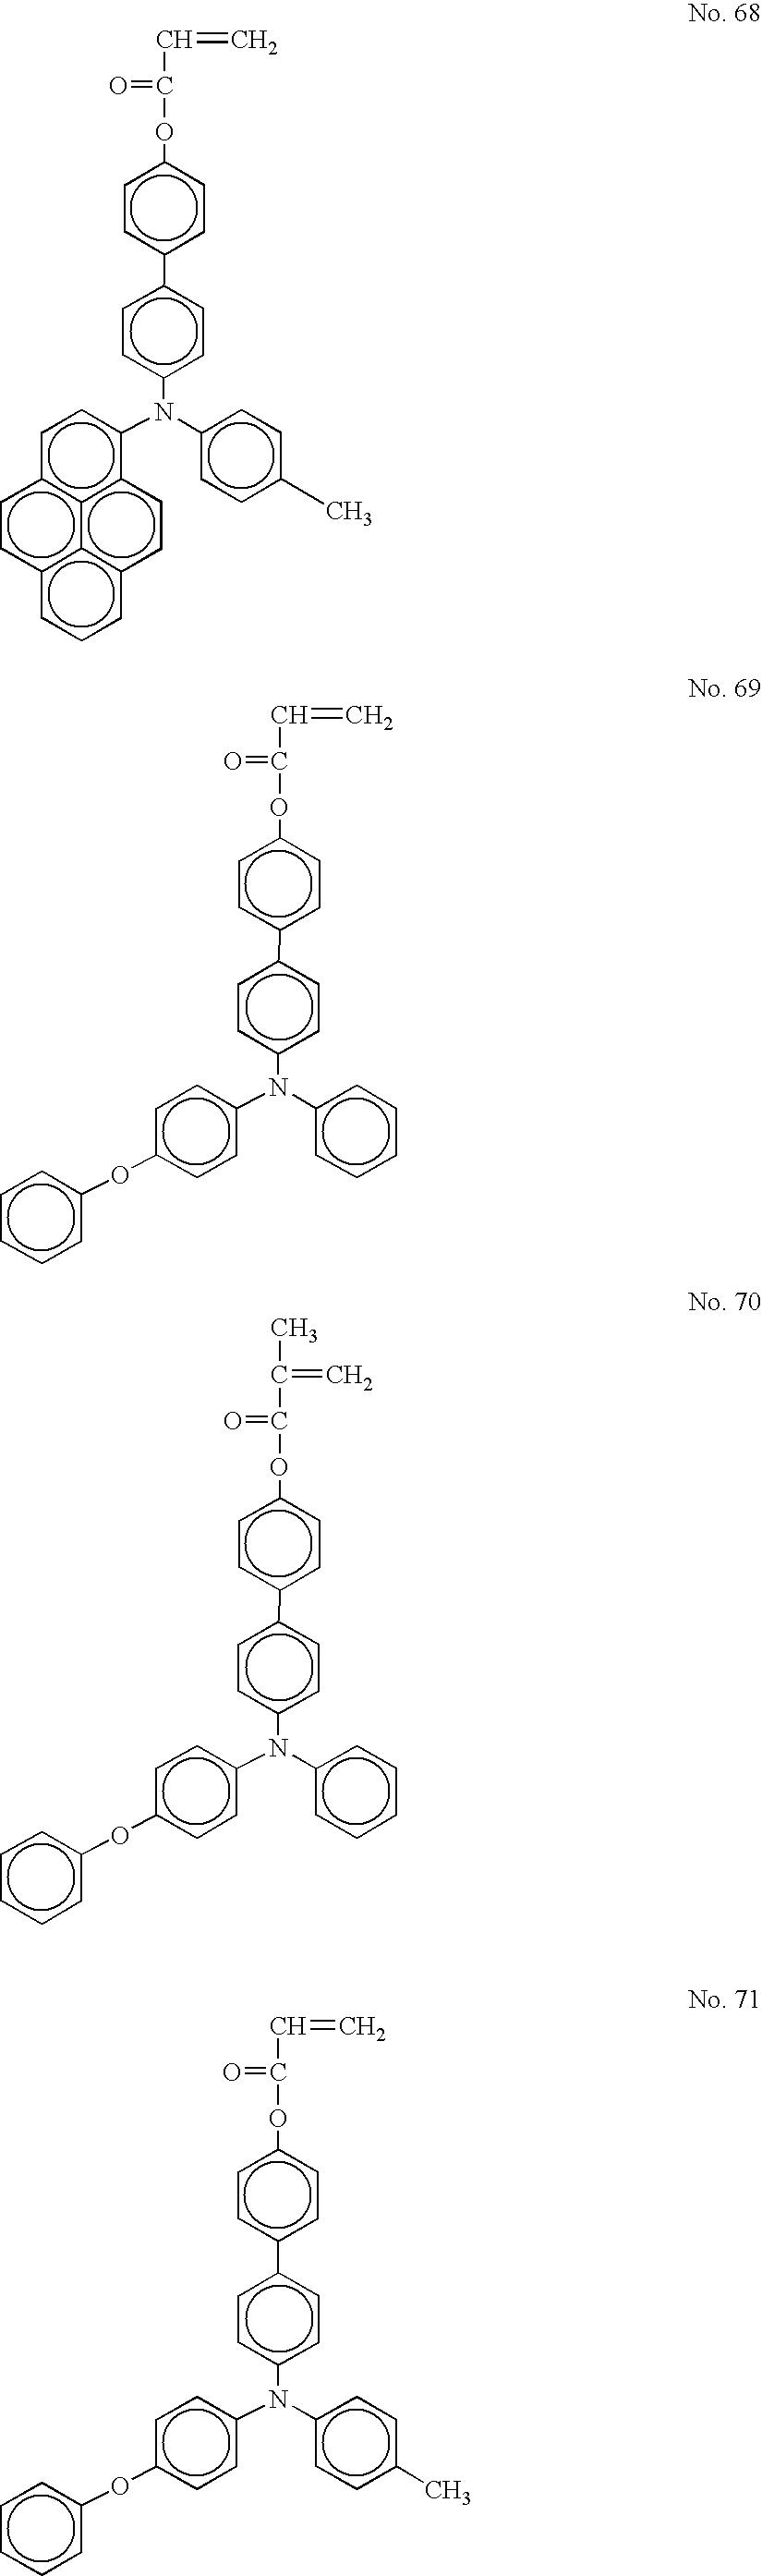 Figure US20070059619A1-20070315-C00028